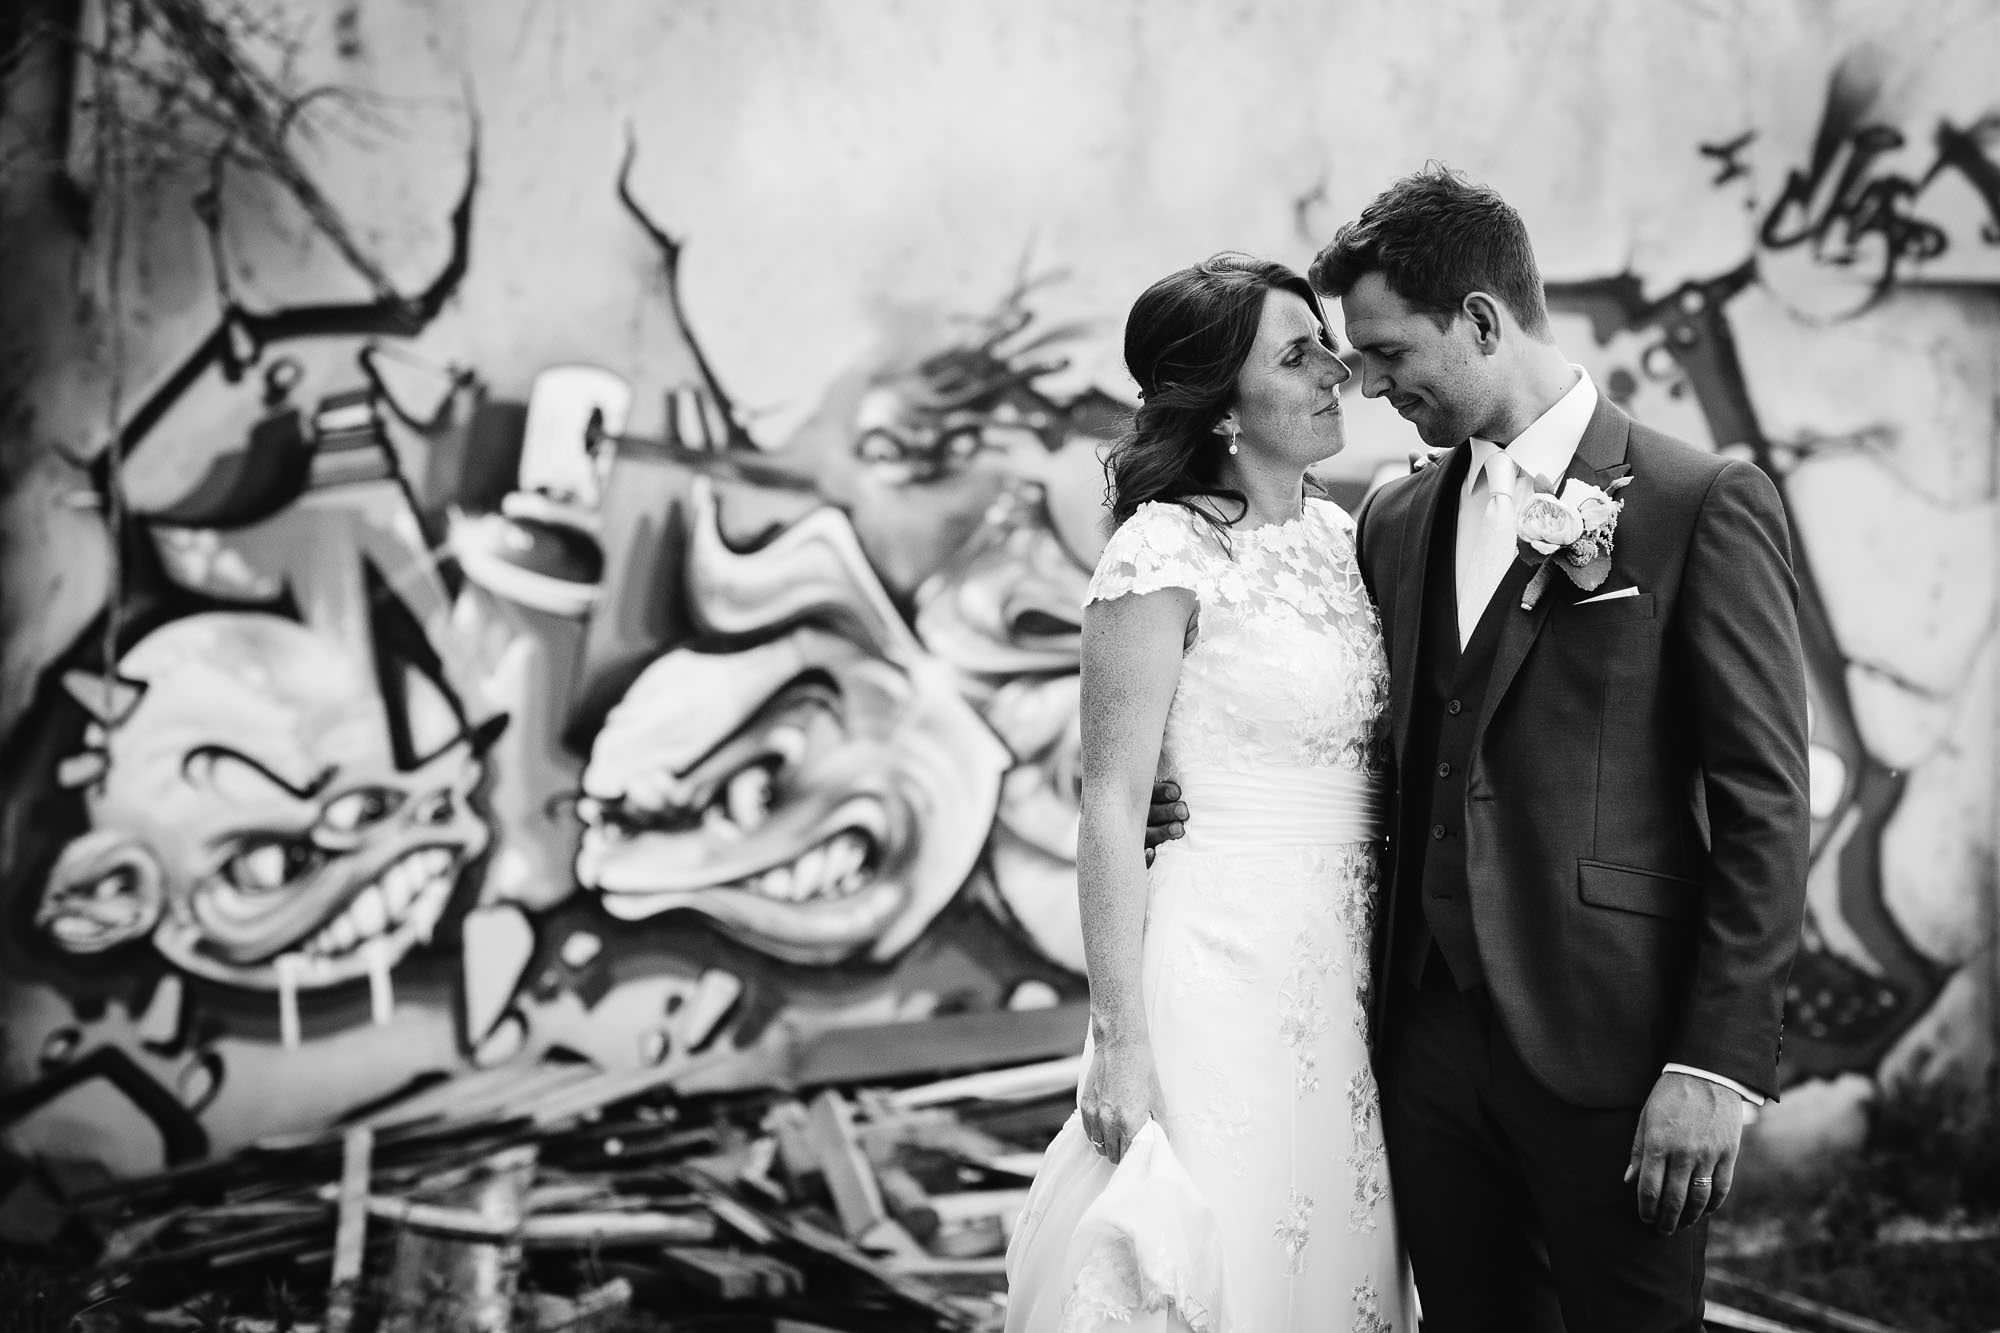 Bruidsfotograaf-Sittard-journalistieke-bruidsfotografie-074.jpg